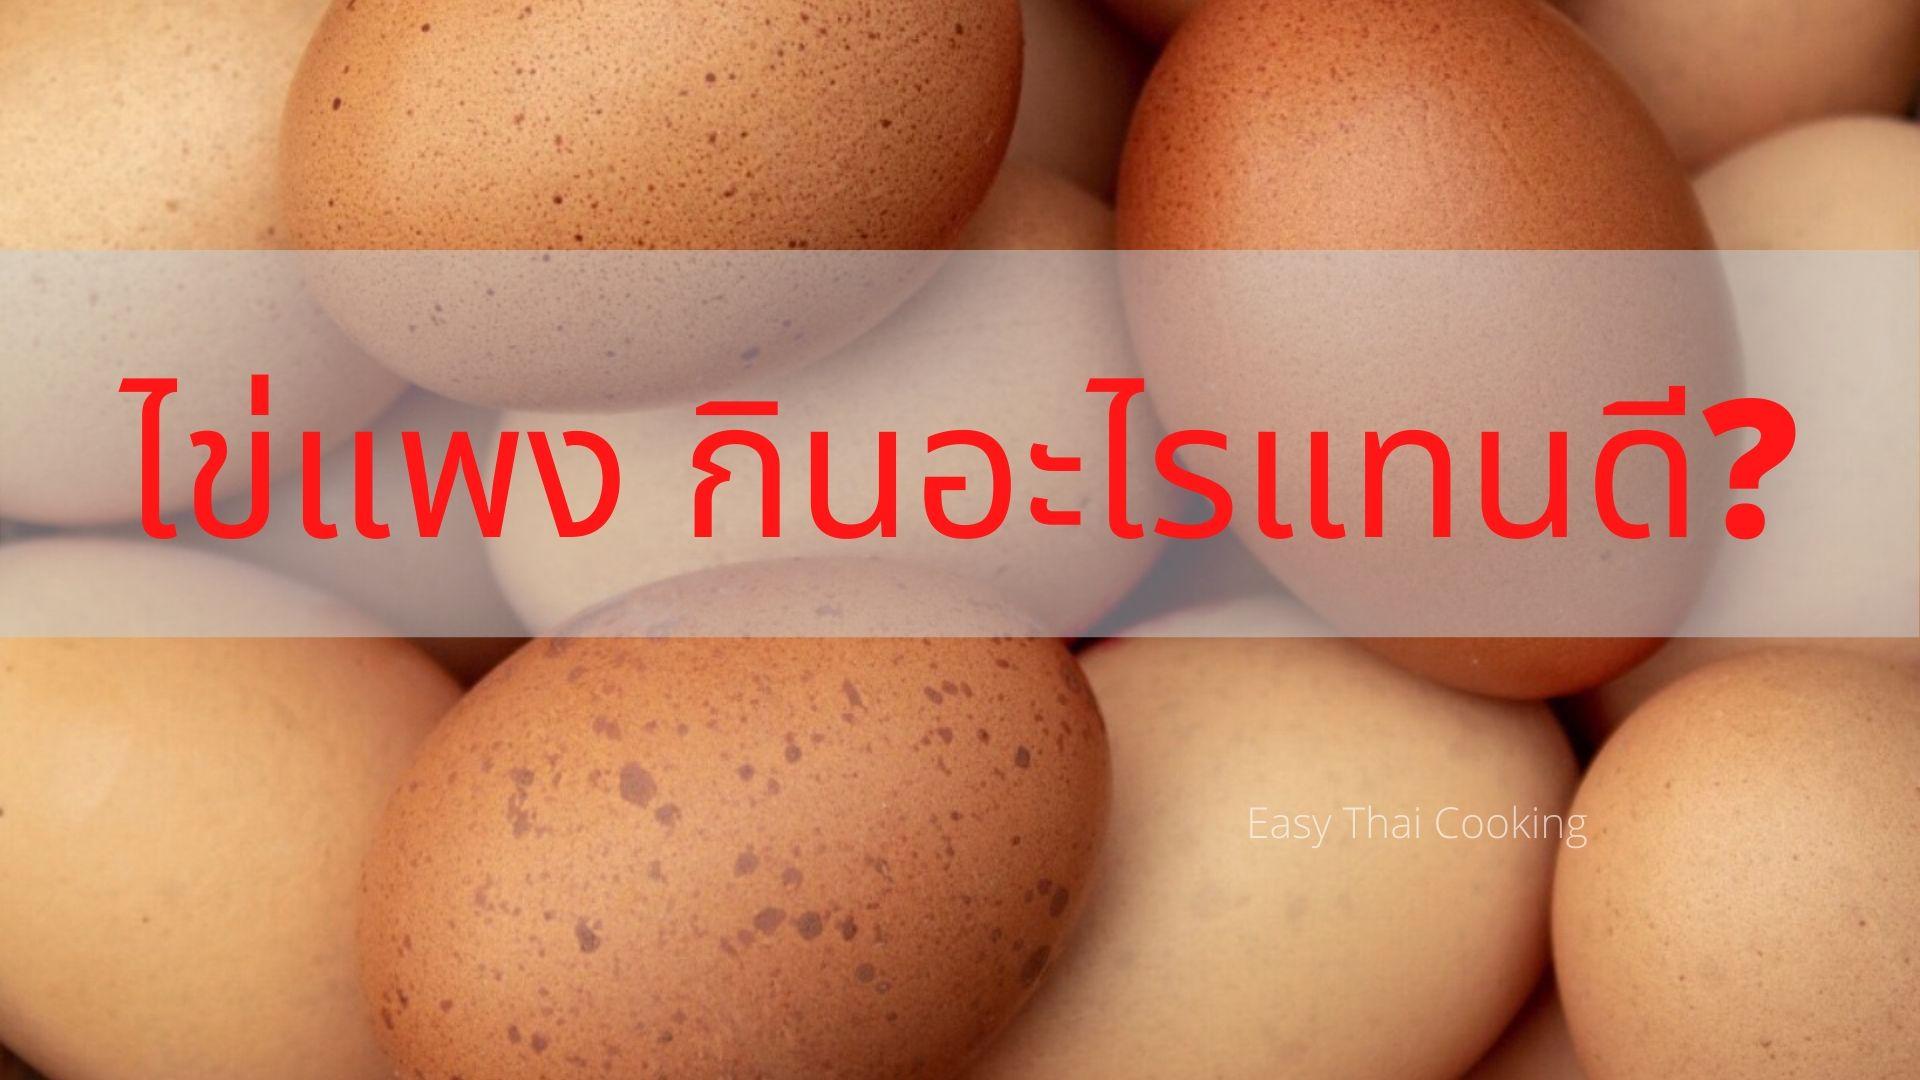 ไข่แพง กินอะไรแทนดี?